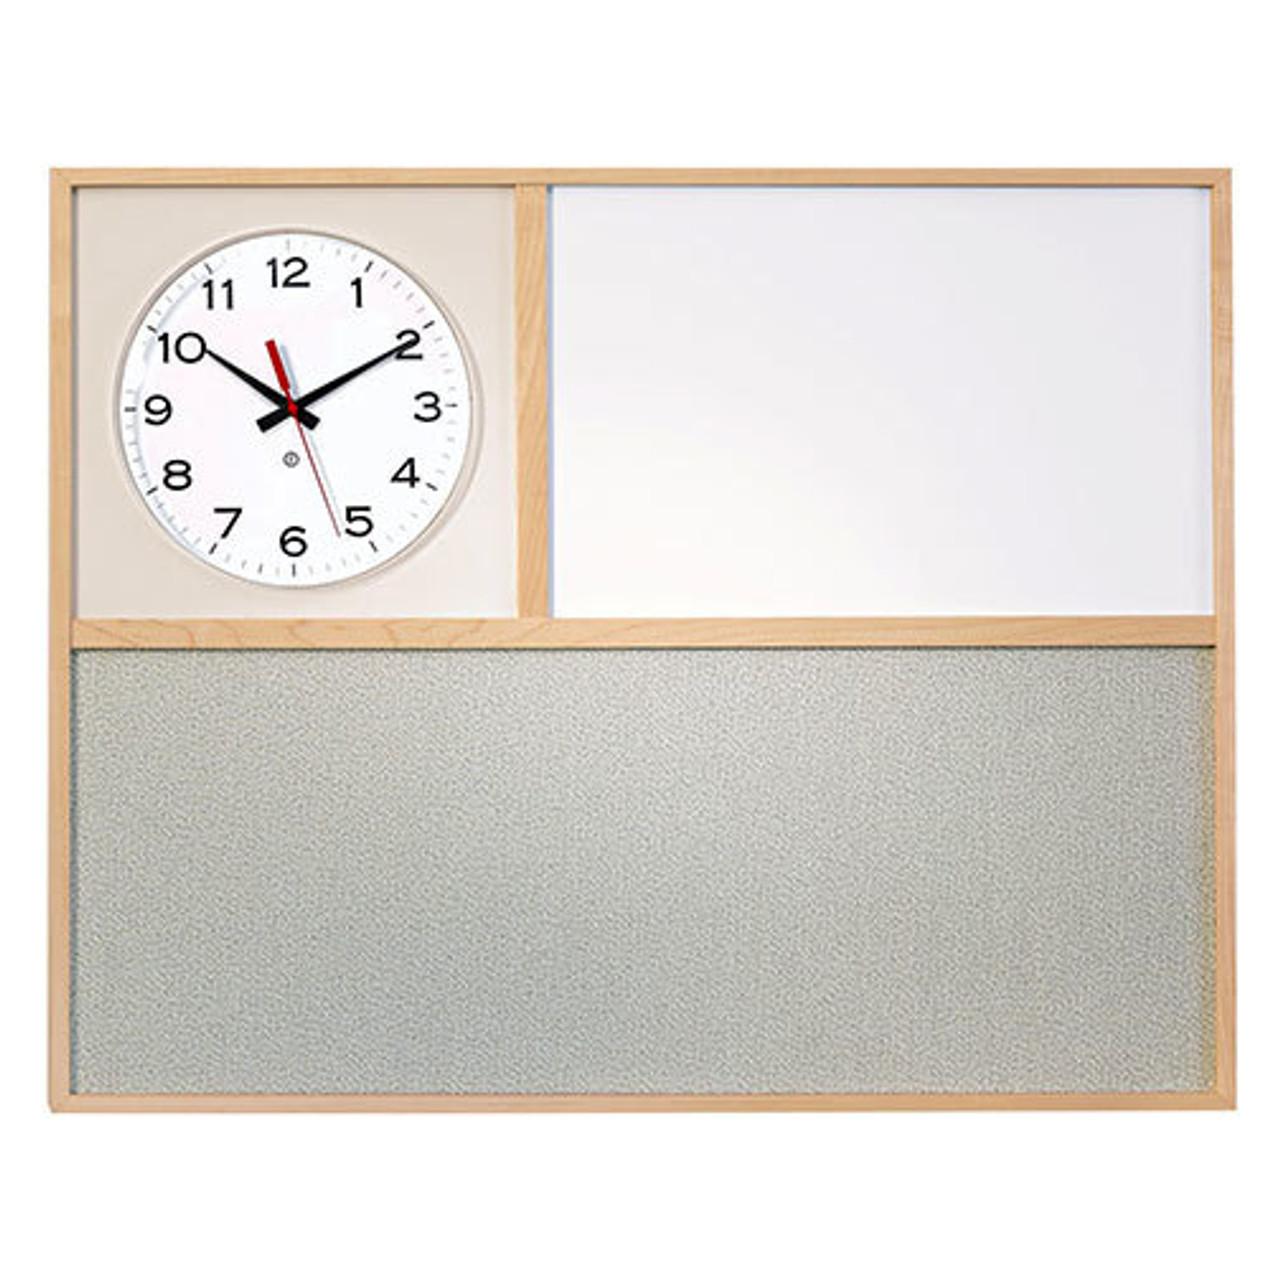 Peter Pepper Patient Room Information Boards